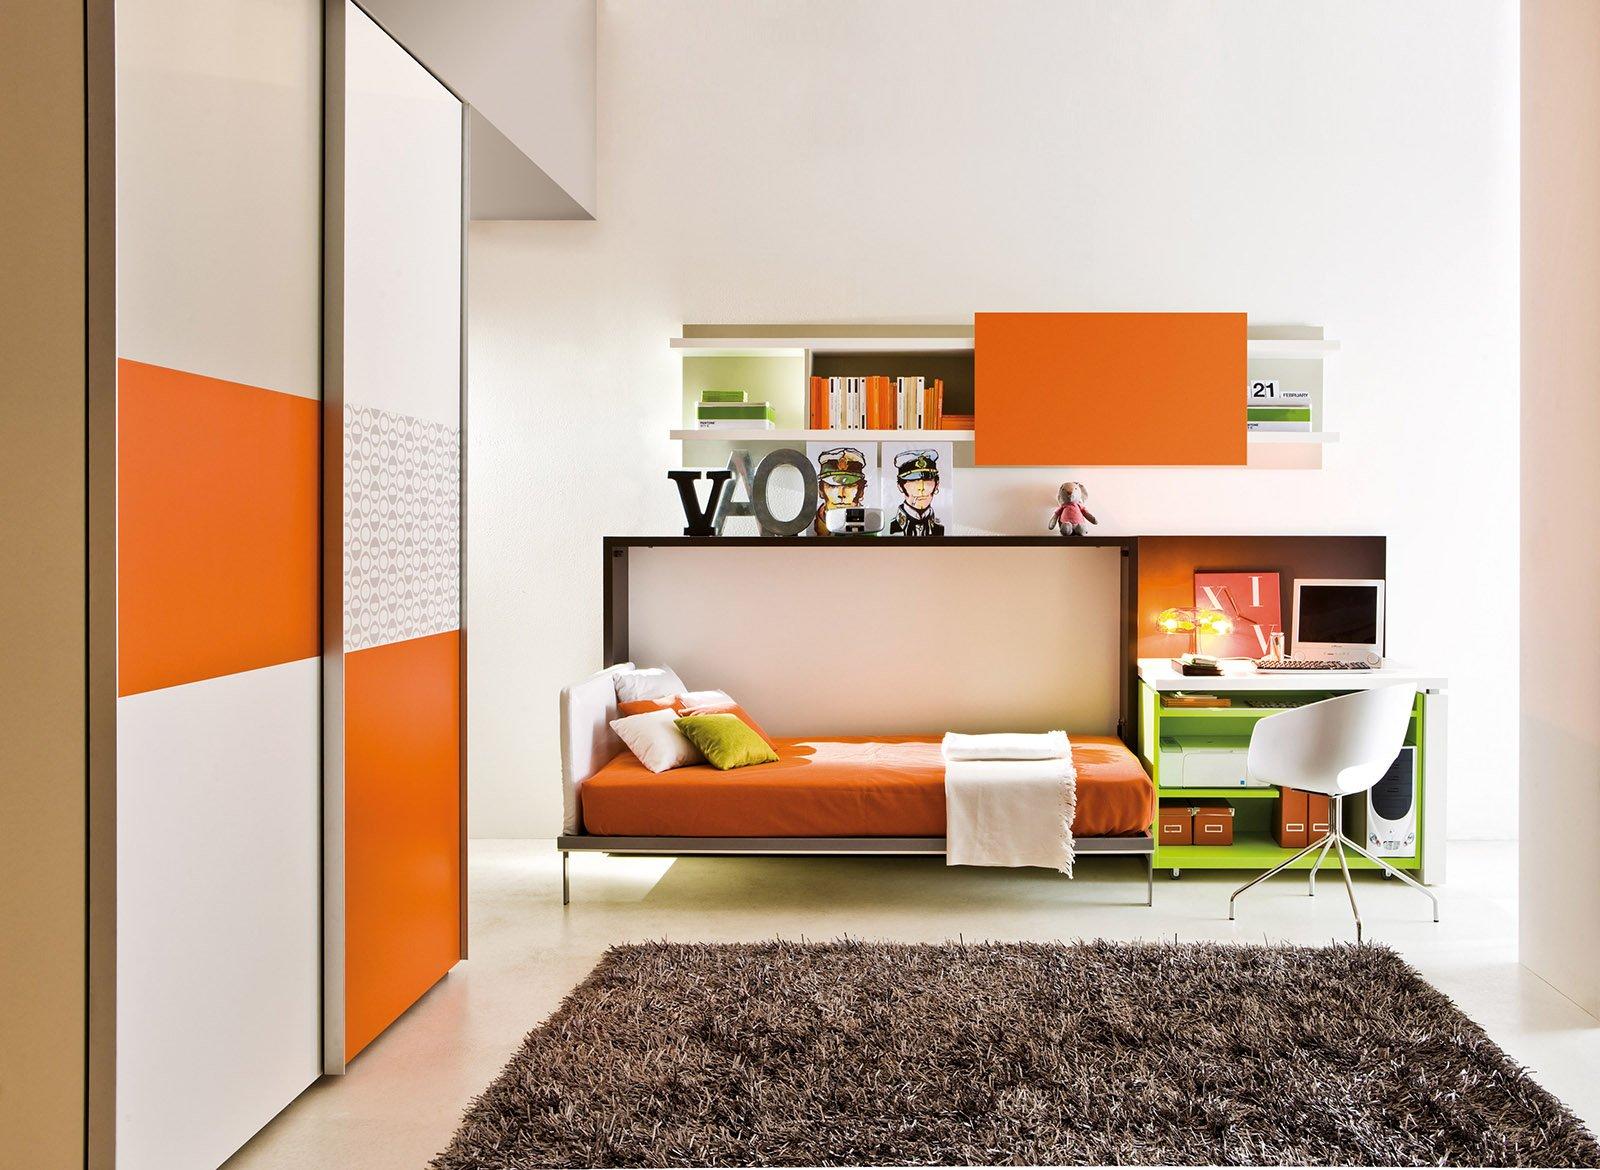 Poppi di Clei è un sistema trasformabile con un letto singolo abbattibile che si integra con il piano scrittoio fisso; i particolari arancioni vivacizzano gli arredi. Prezzo per la composizione 7.633 euro. www.clei.it